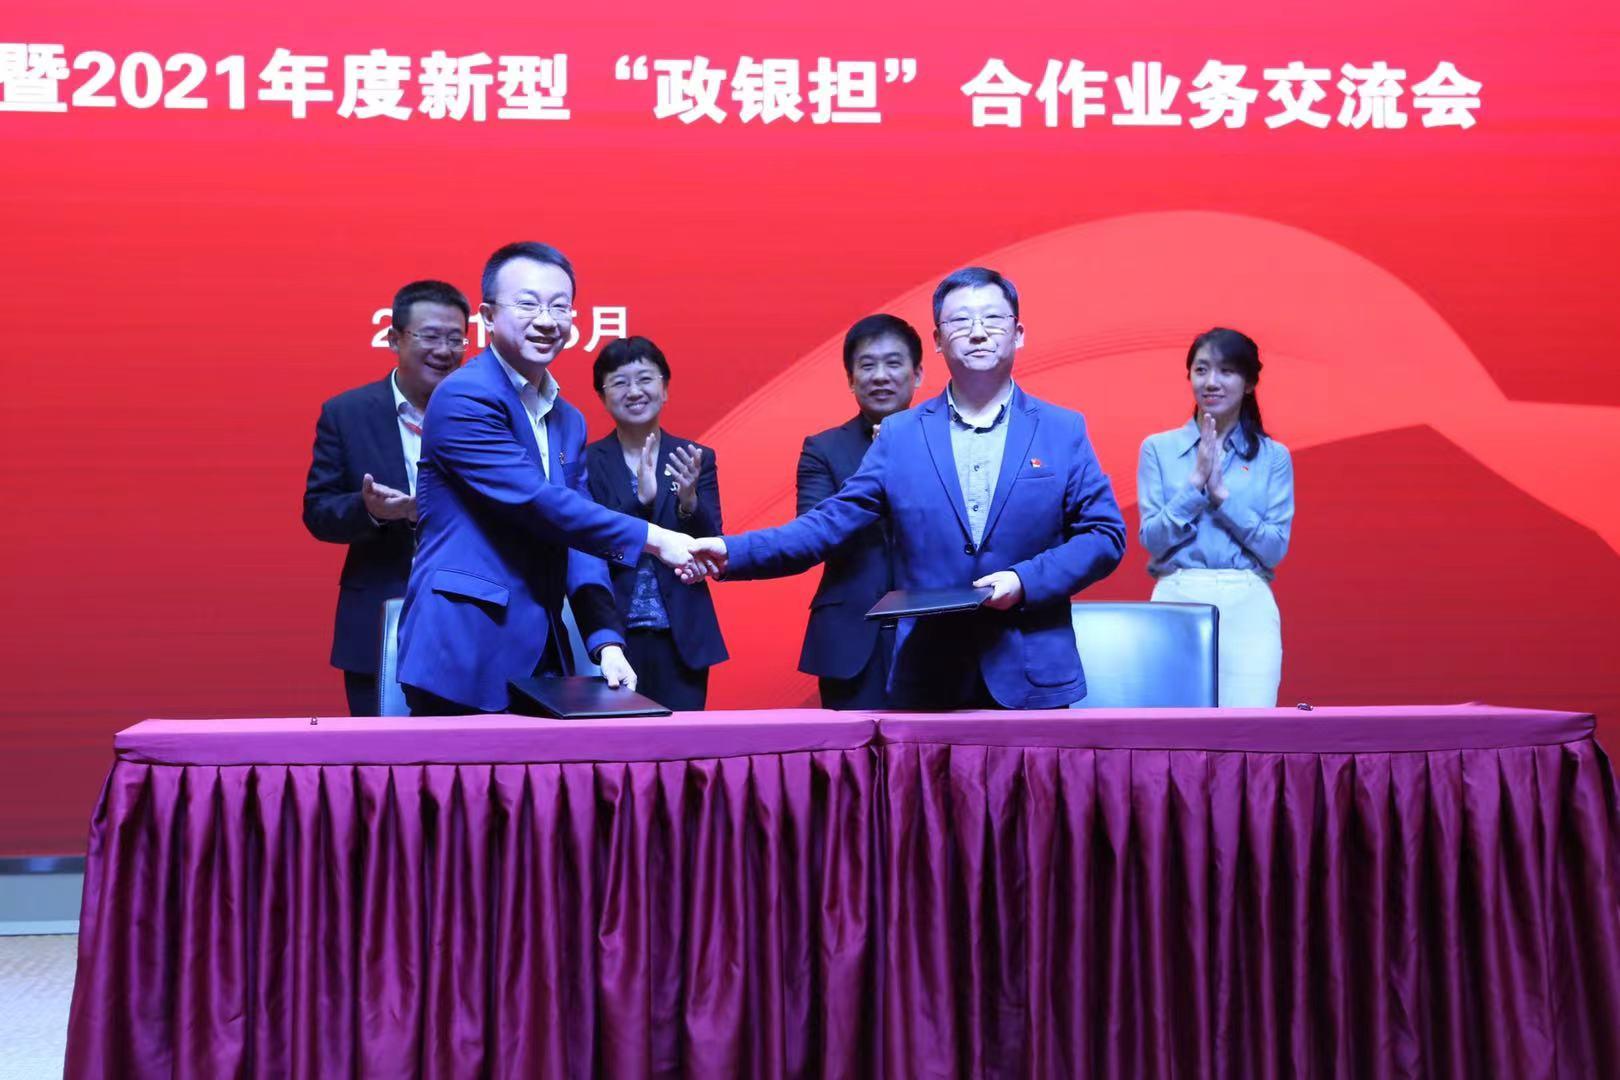 中国银行天津市分行与市担保中心举办结对共建活动